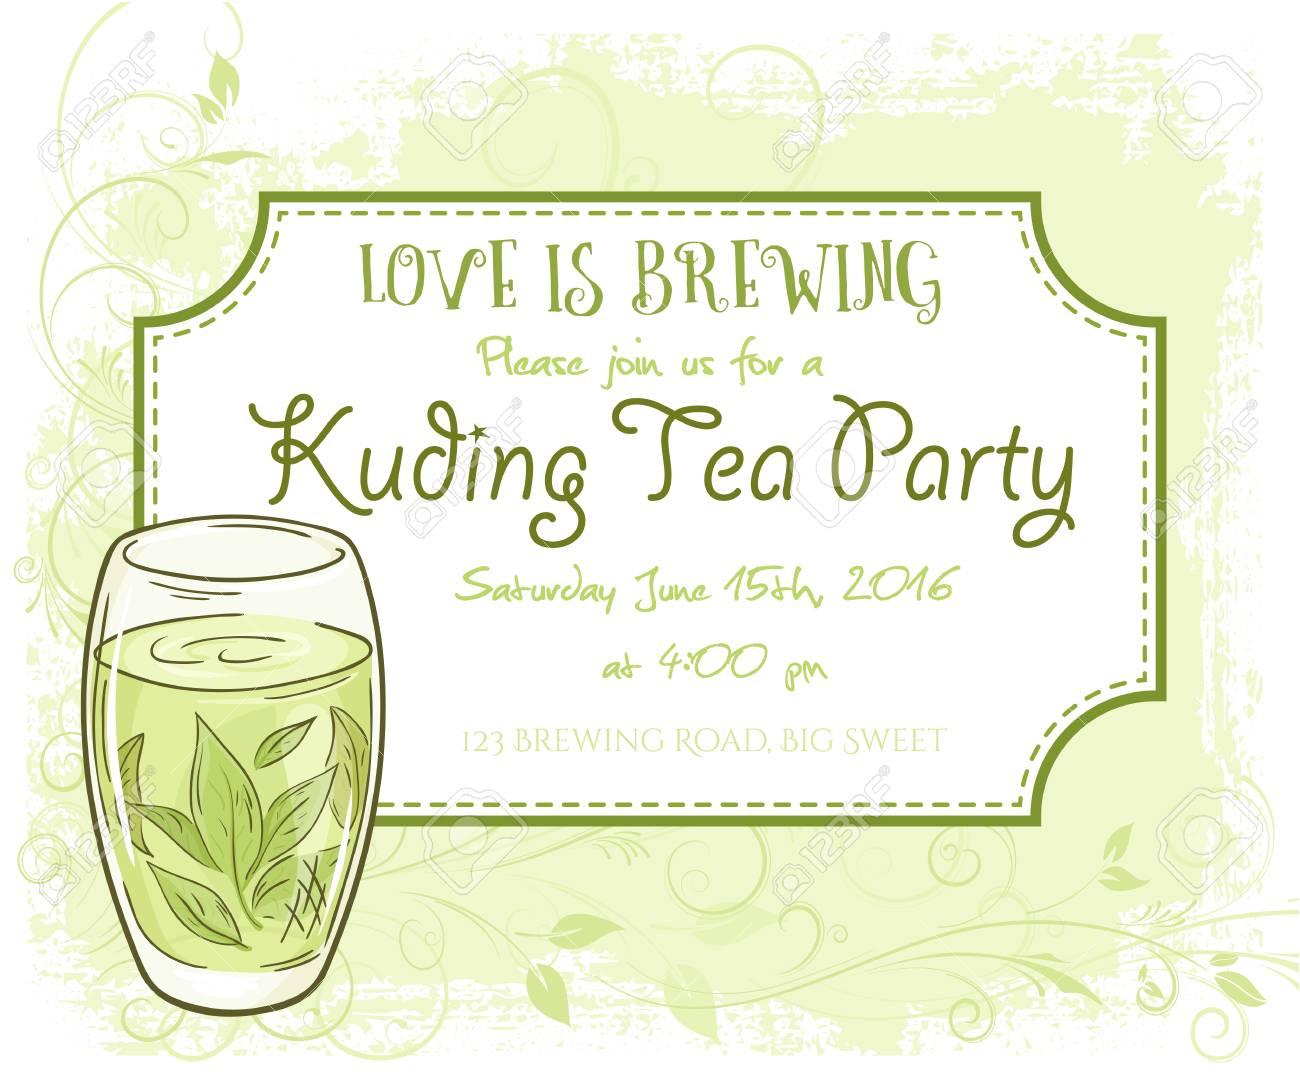 Vektor Hand Gezeichnet Kuding Tee-Party Einladungskarte, Vintage ...